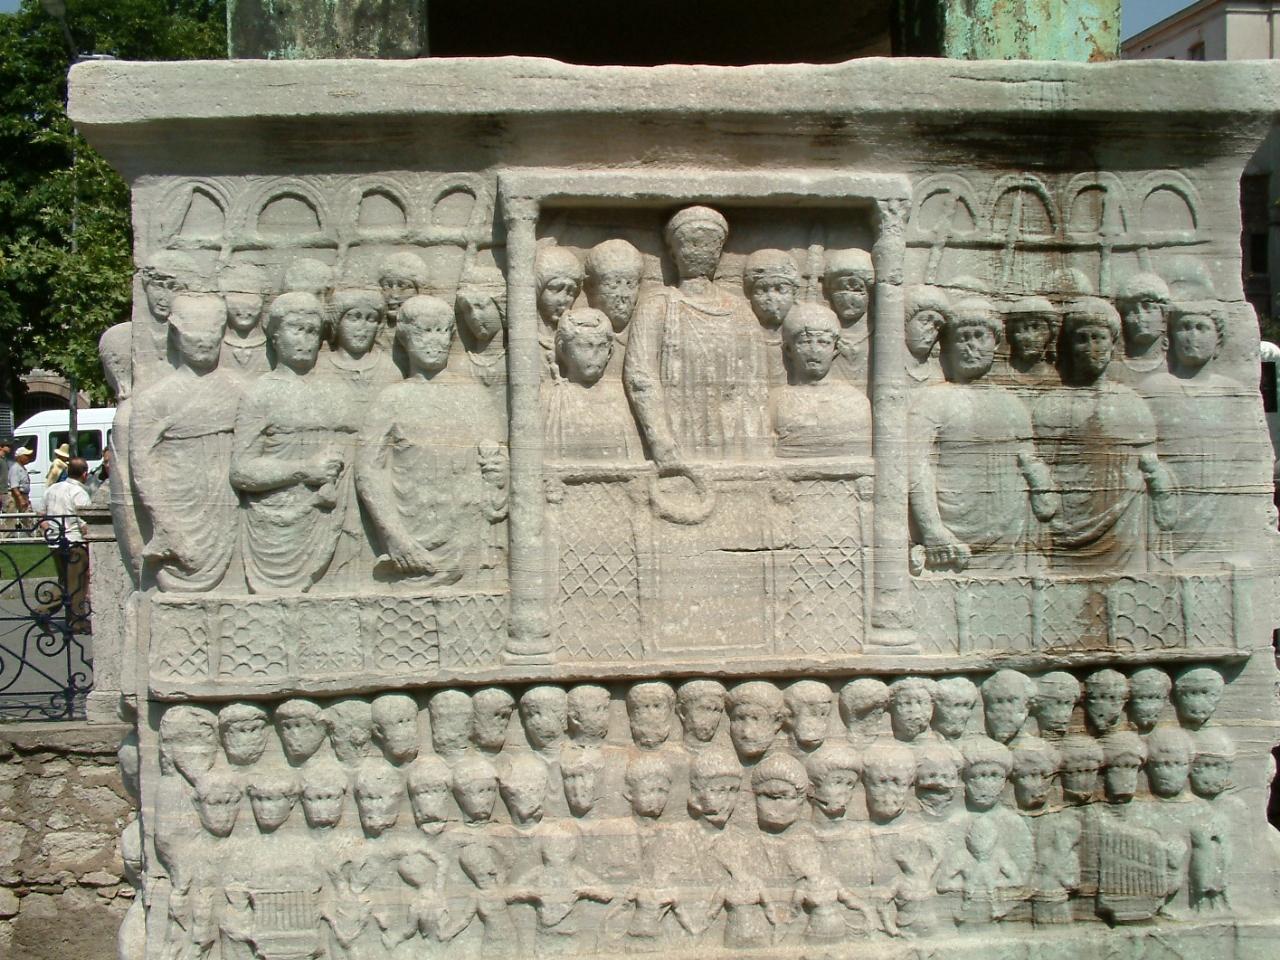 凱尼斯旅行社,古埃及第十八王朝最以尚武著稱的法老(約前1479年4月24日—約前1425年3月11日在位)。臺灣過去曾兩次展出木乃伊,圖簡意賅